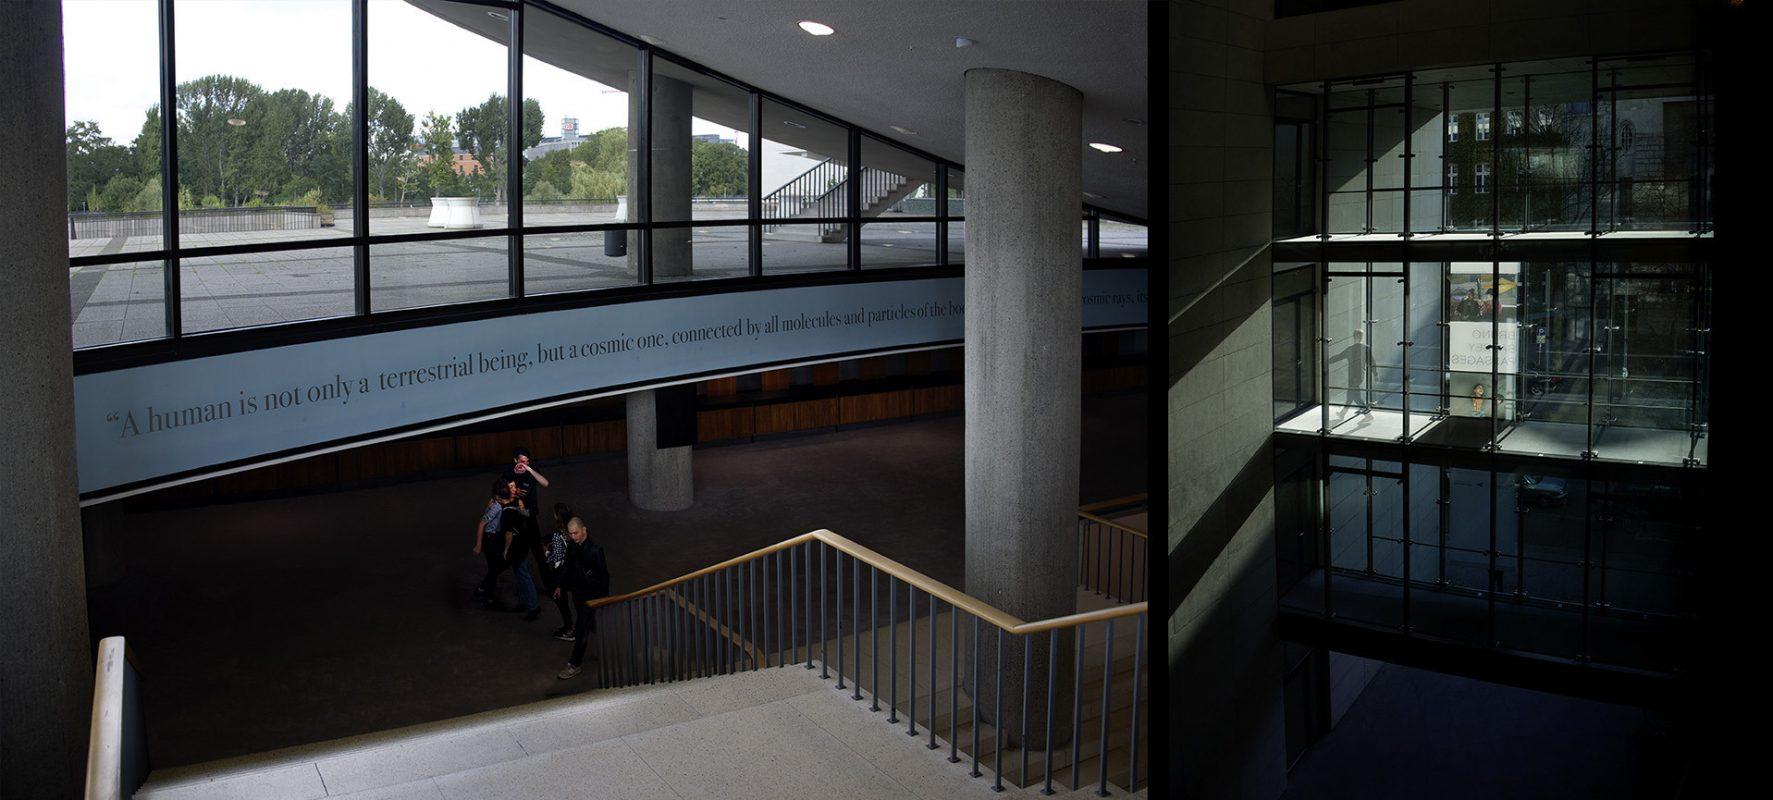 Haus der Kulturen der Welt, Willy-Brandt-Haus